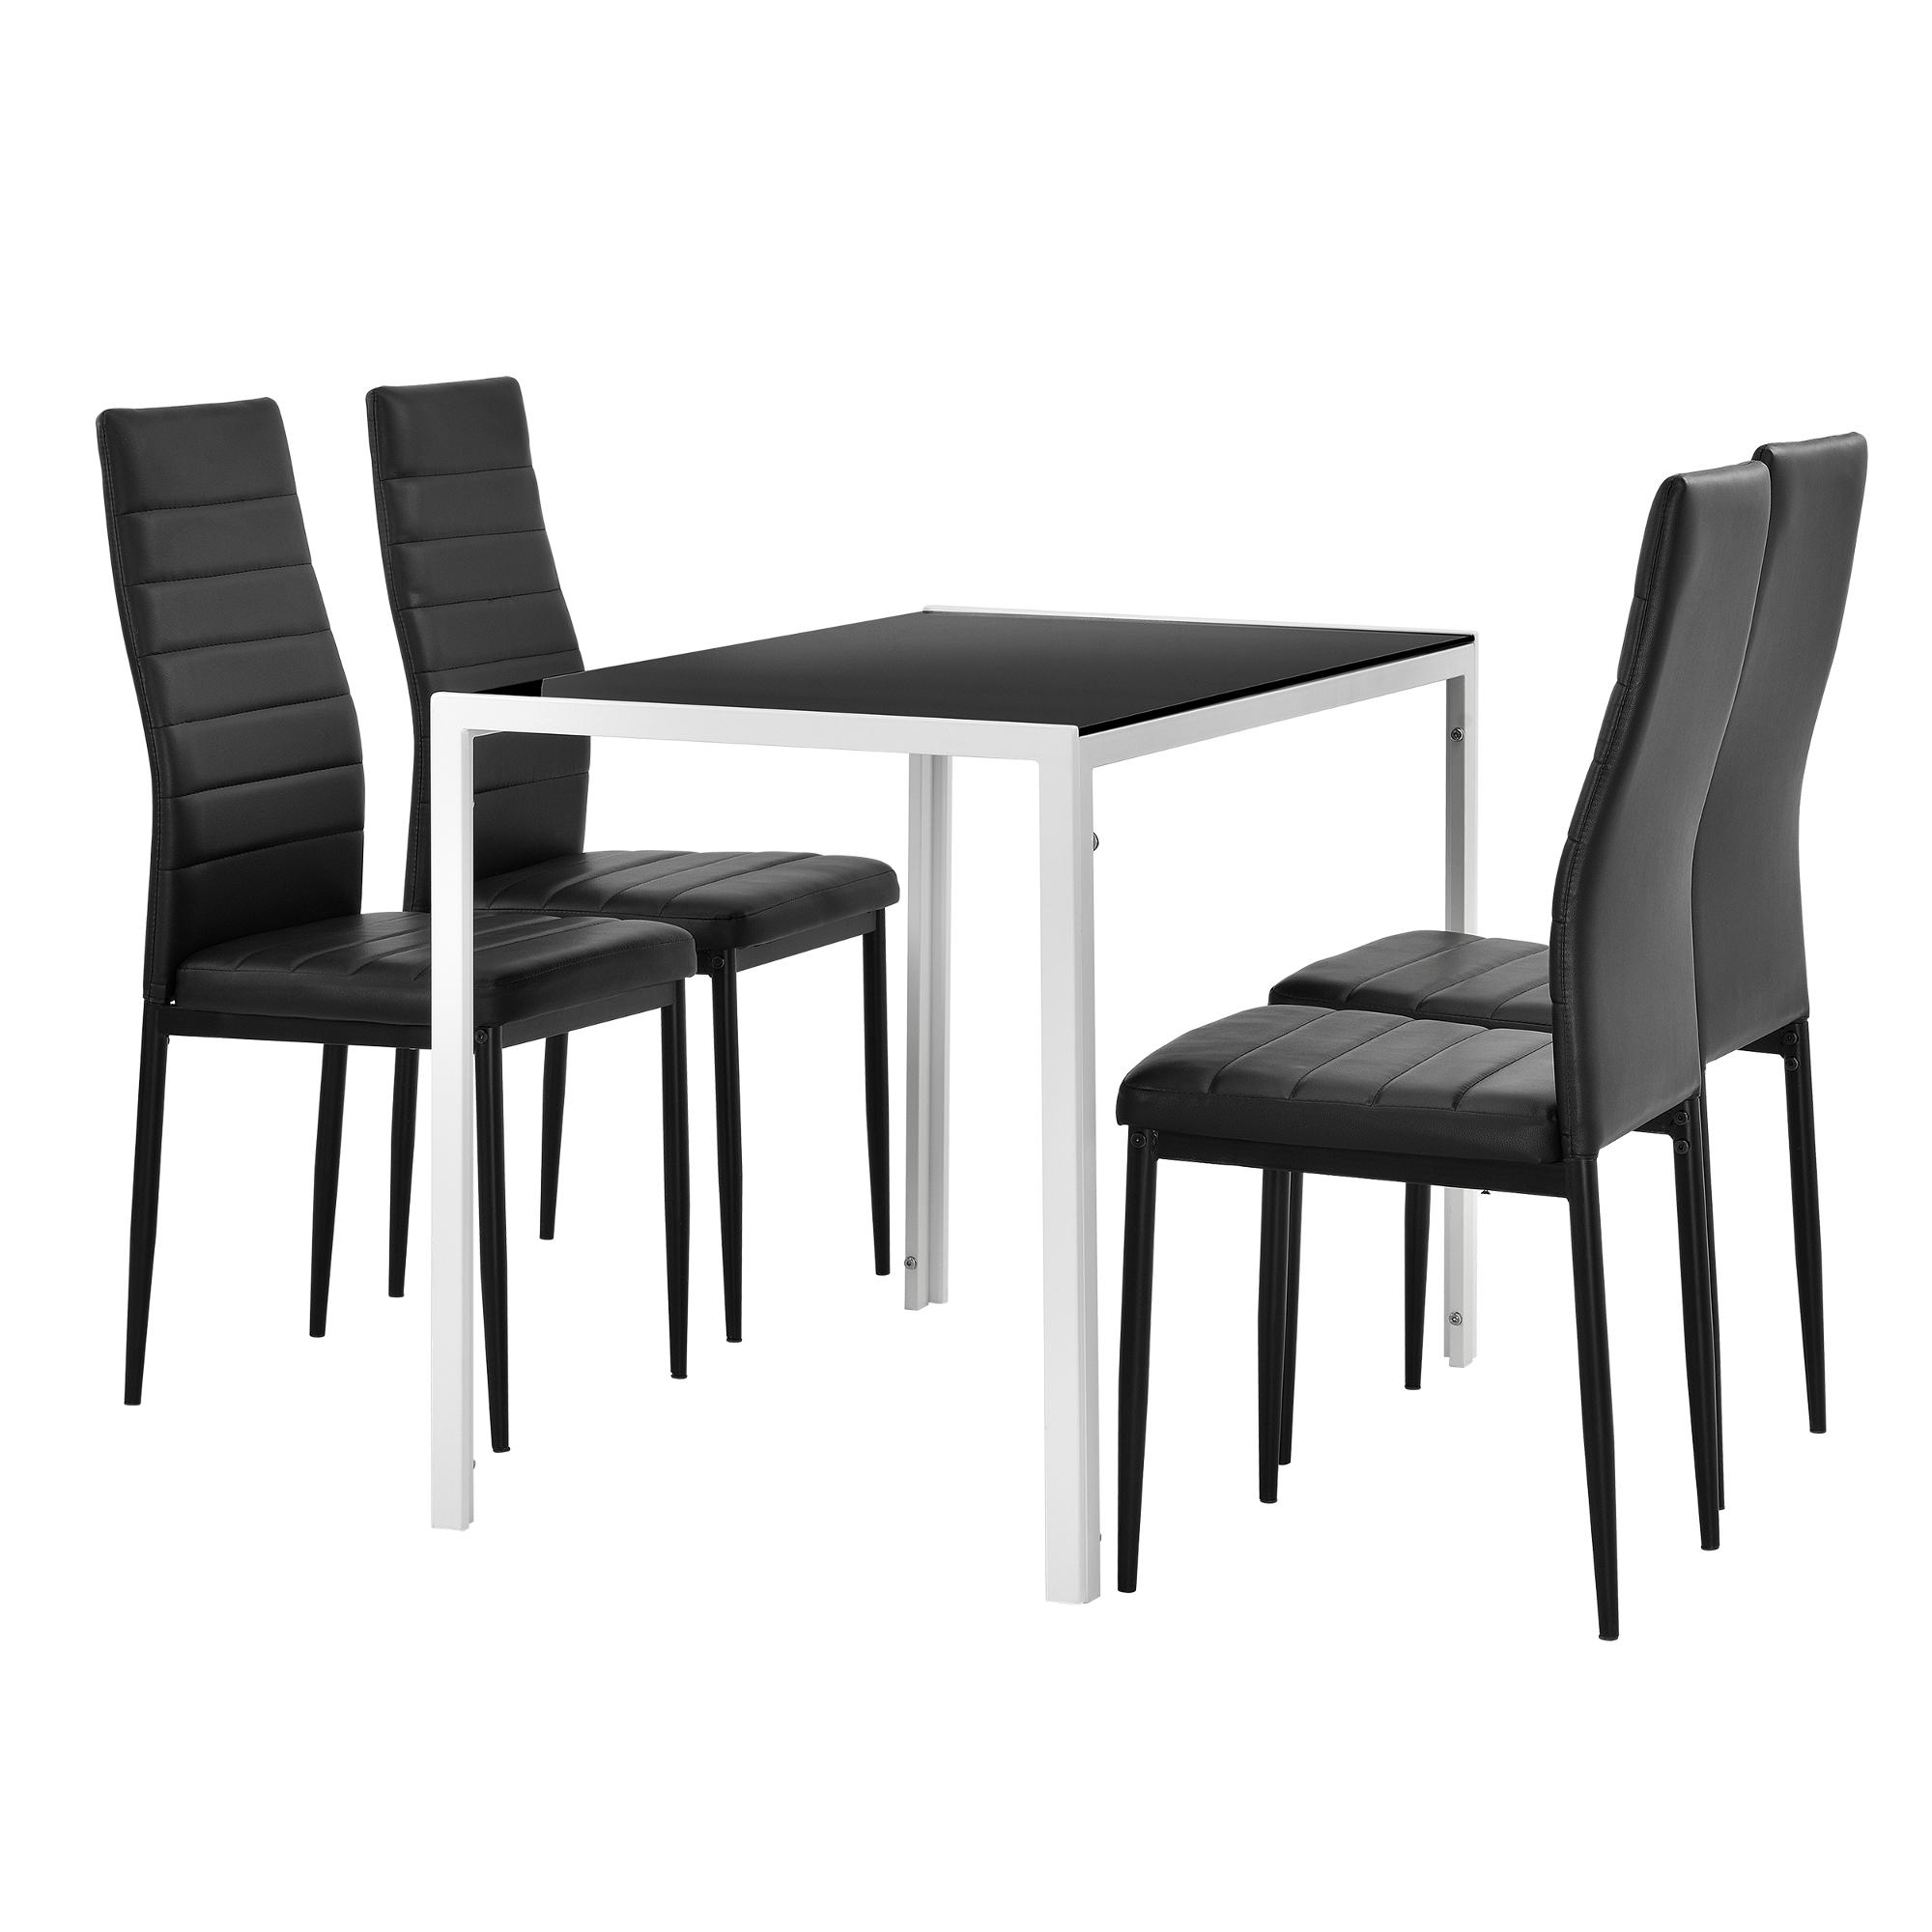 en.casa] Esstisch 105x60cm mit 4er Set Stühle Esszimmerset ...